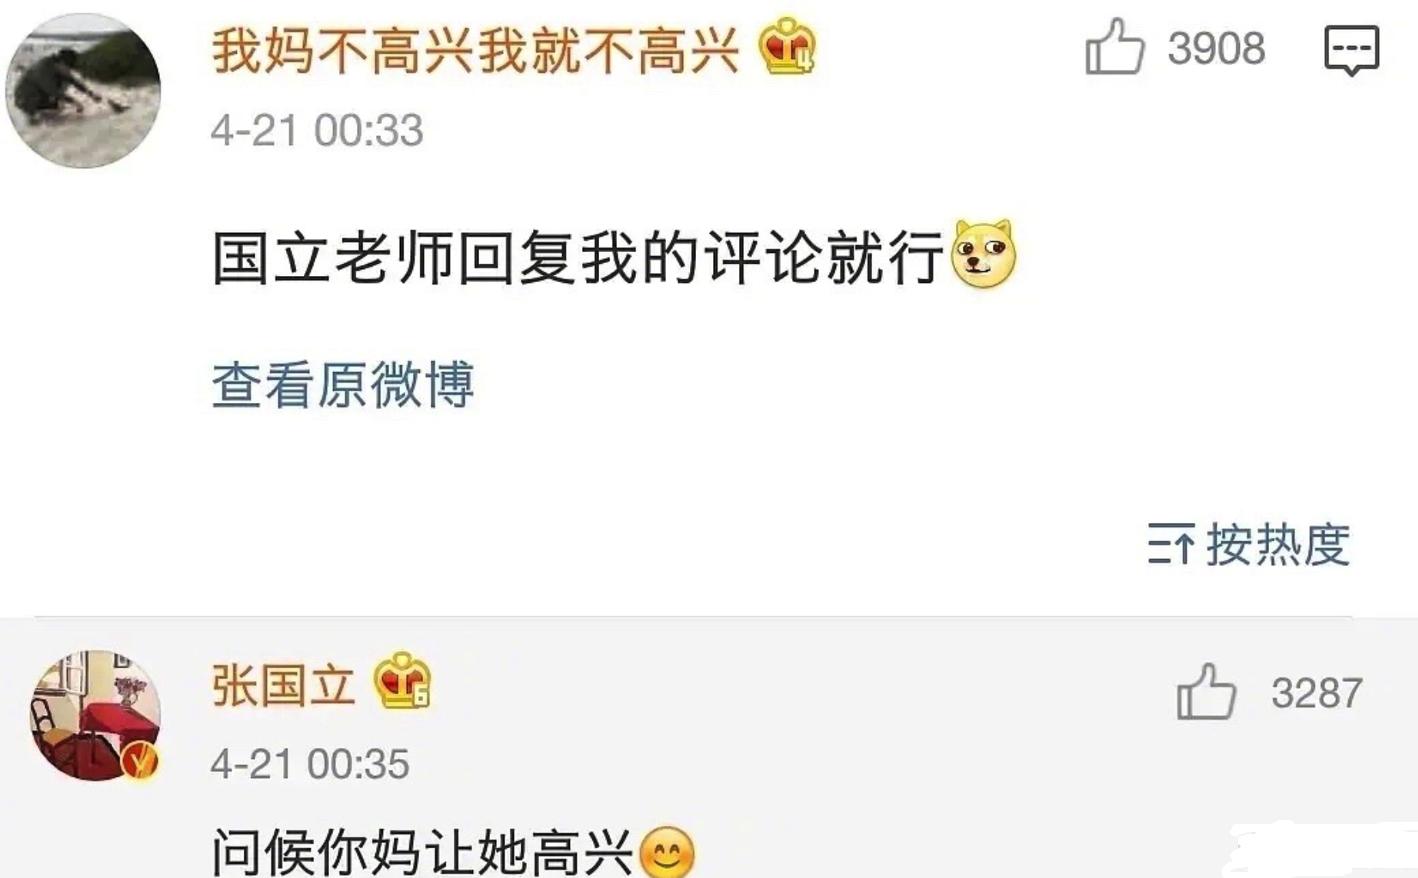 张国立回复网友闹乌龙,问候网友妈妈让人误会,与王刚互动有爱